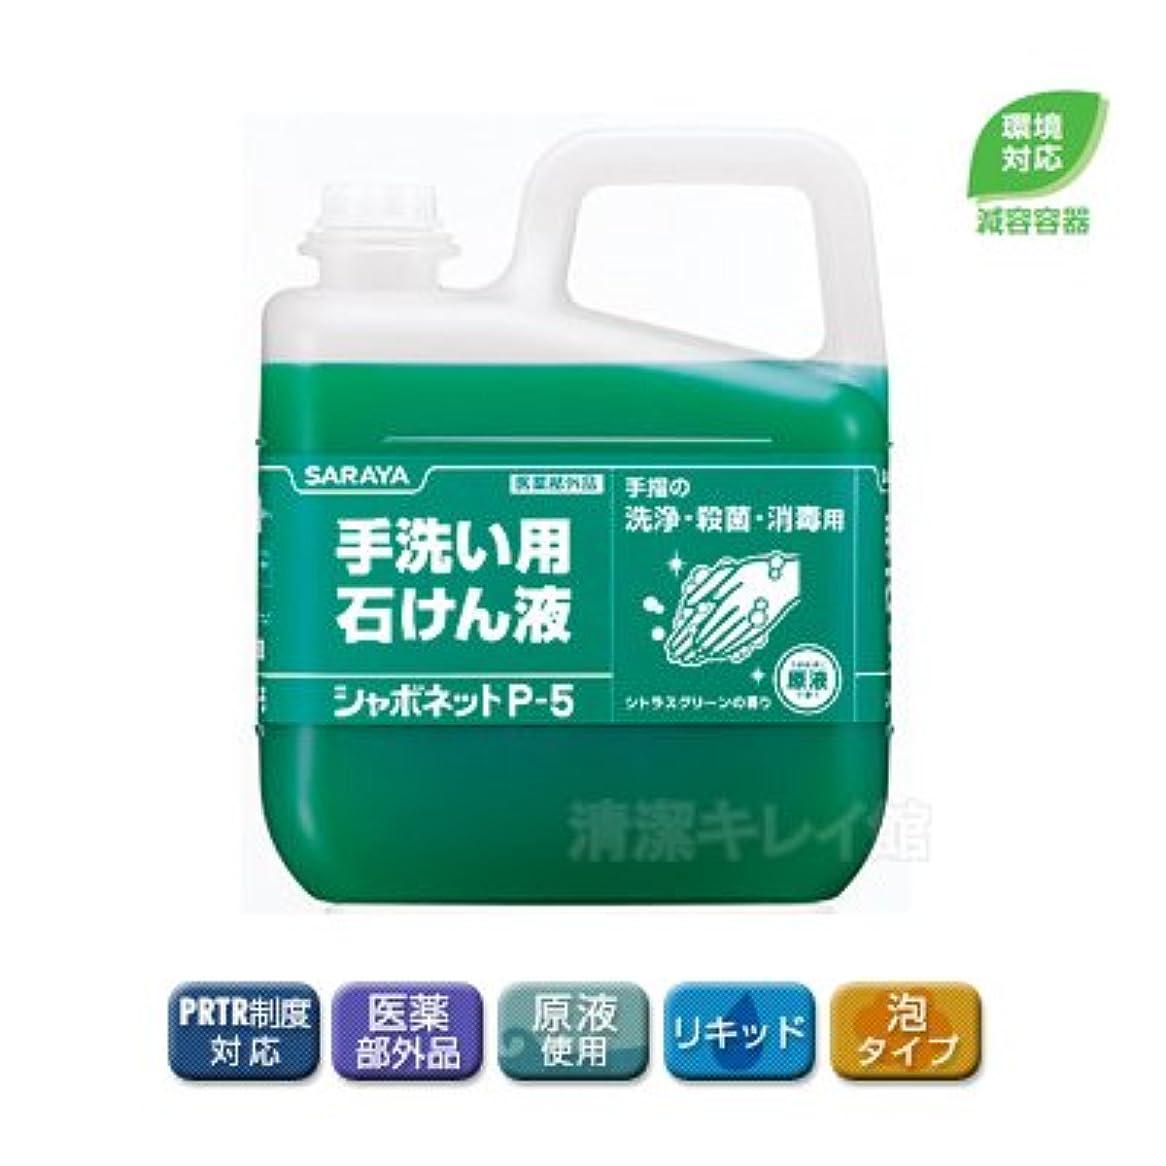 欠陥規制するカニ【清潔キレイ館】サラヤ シャボネット石鹸液P-5(5kg)